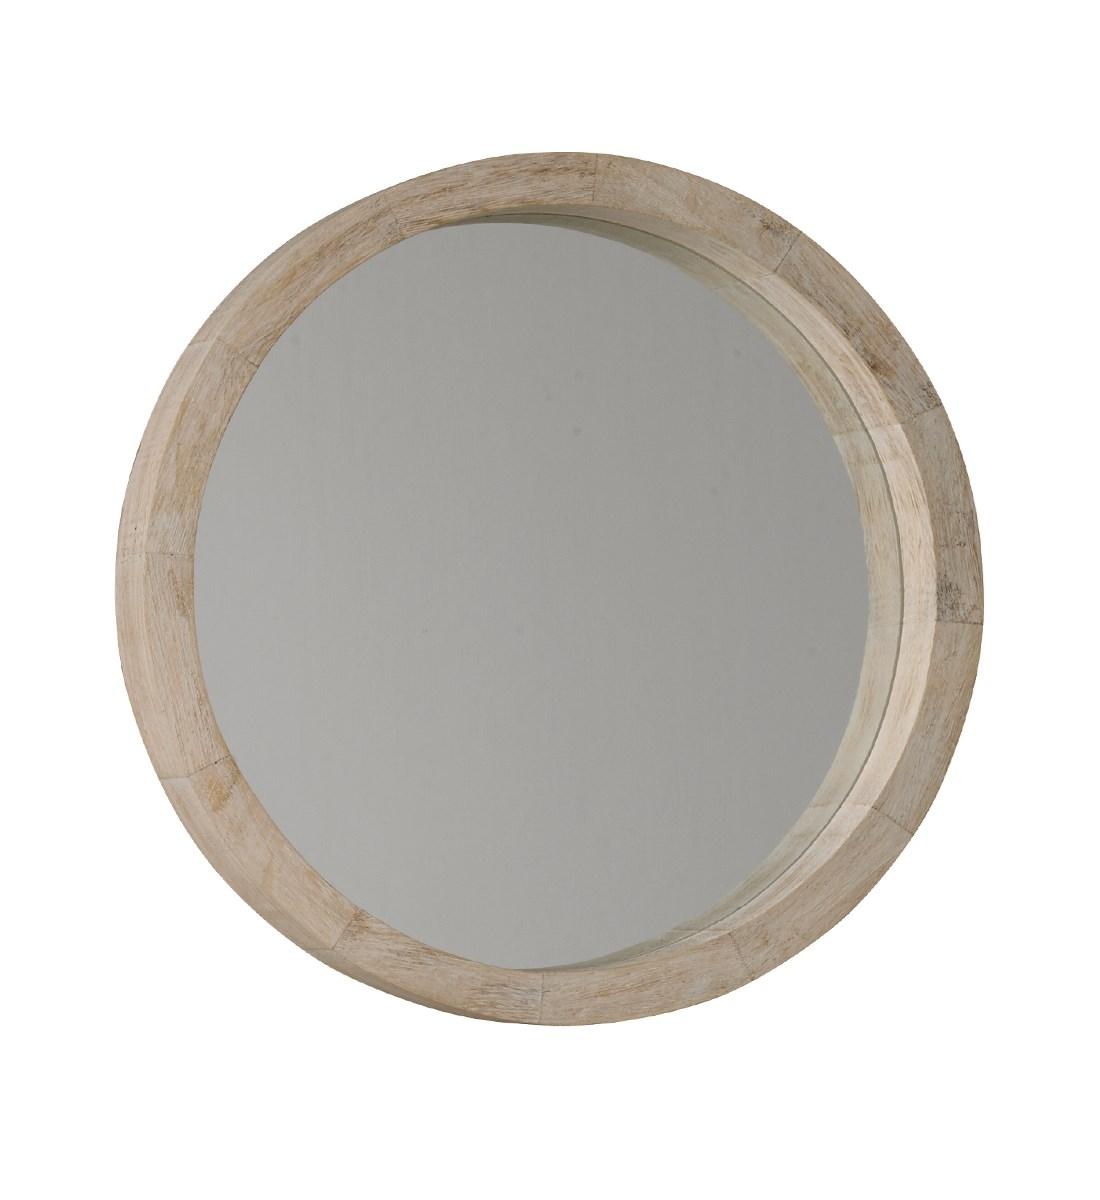 New England Round White Wash Mirror Wooden White Wash And White Painted Frame Round Mirrors